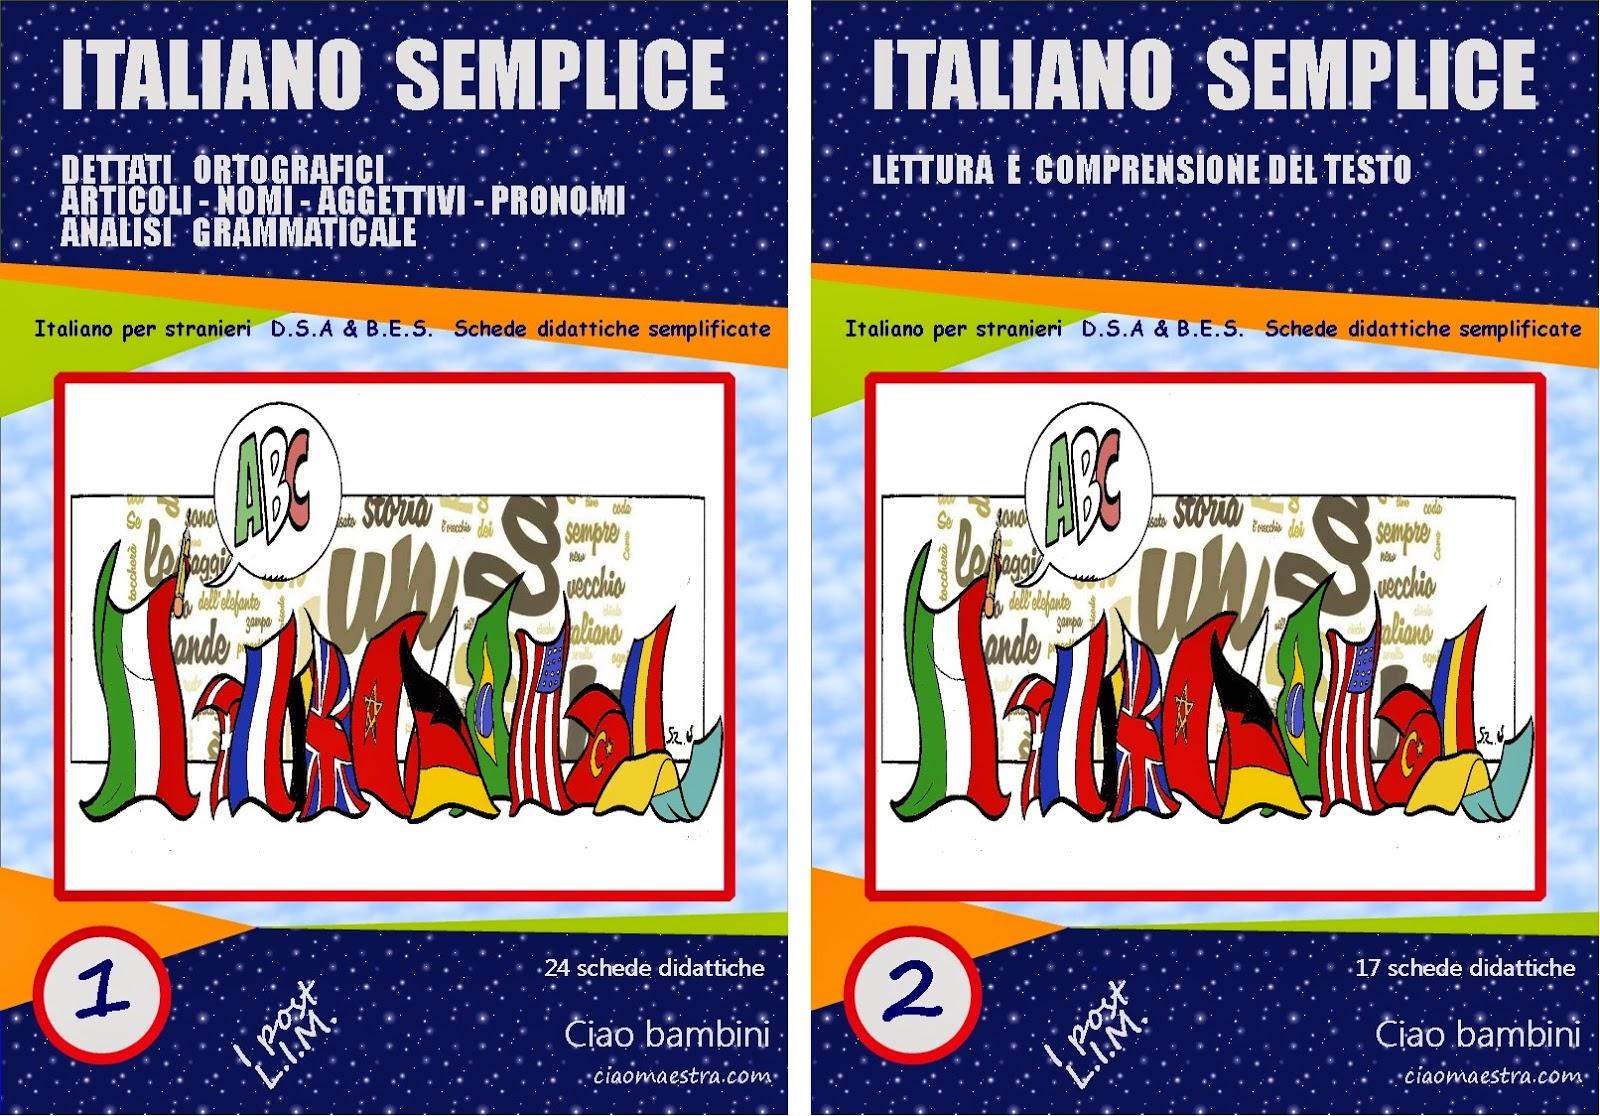 Ciao bambini ebook e disponibile inoltre la piccola raccolta dei primi due ebook della serie fandeluxe Ebook collections